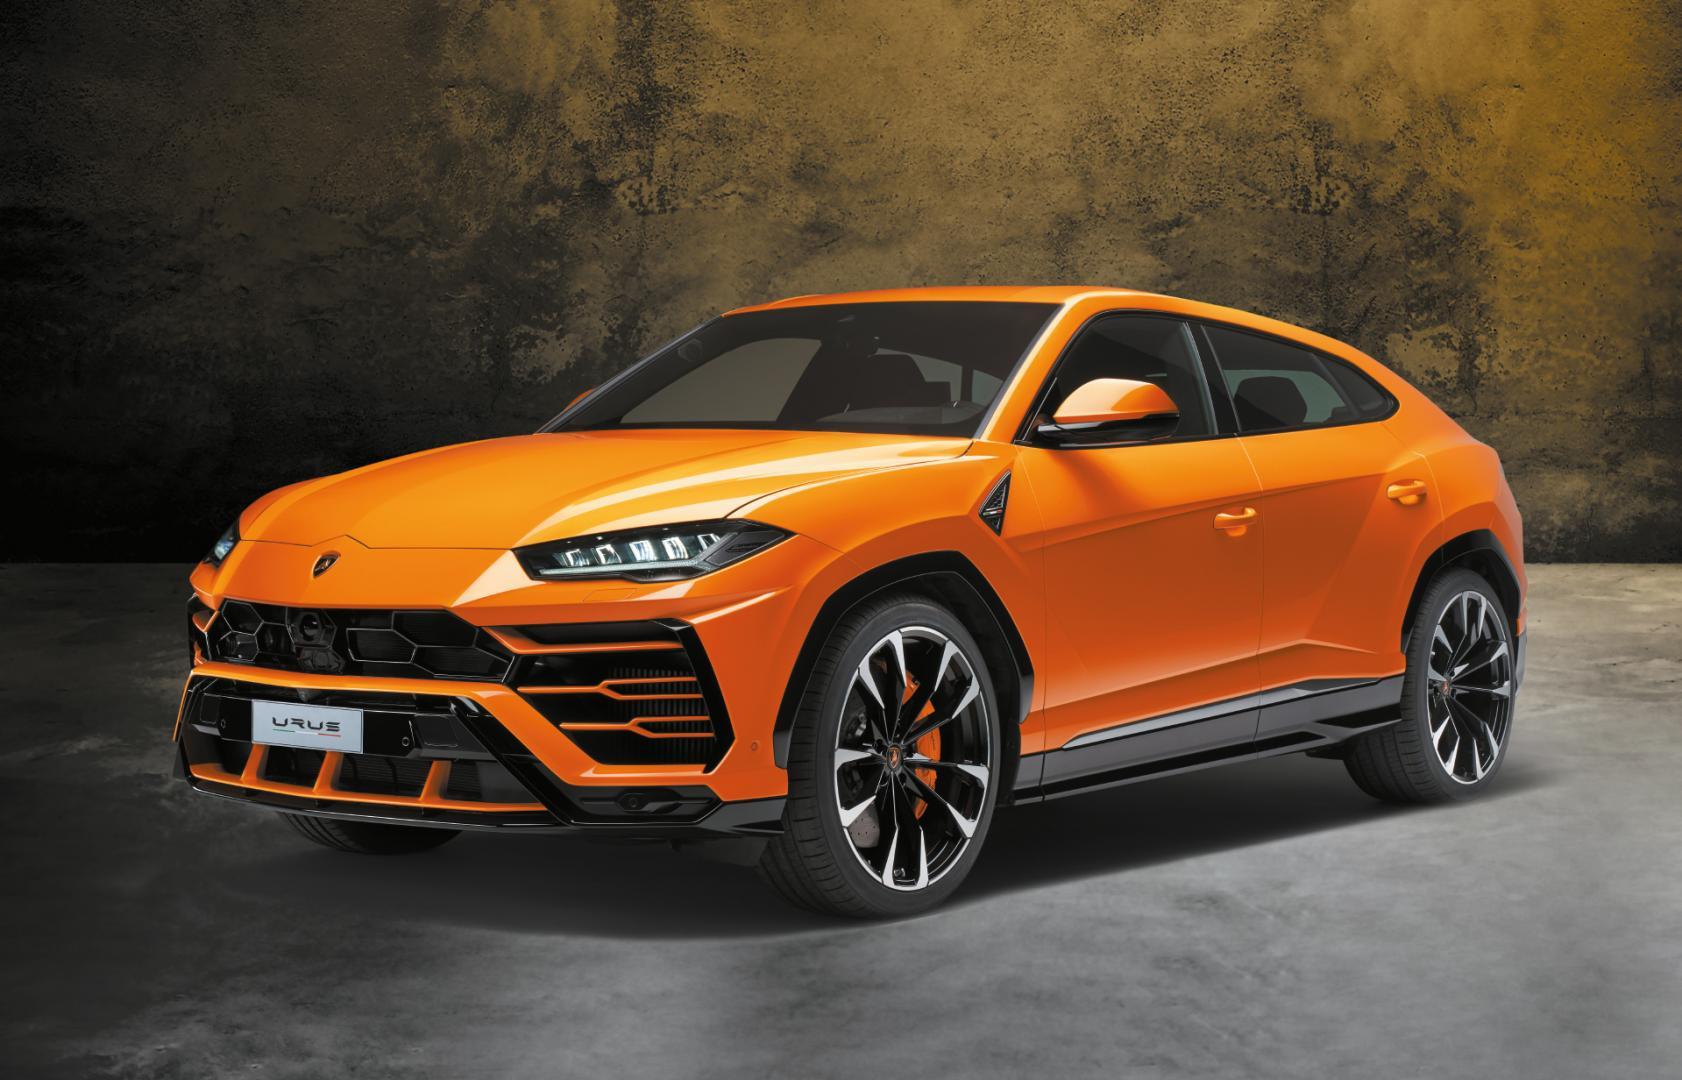 Geschiedenis van Lamborghini - Urus